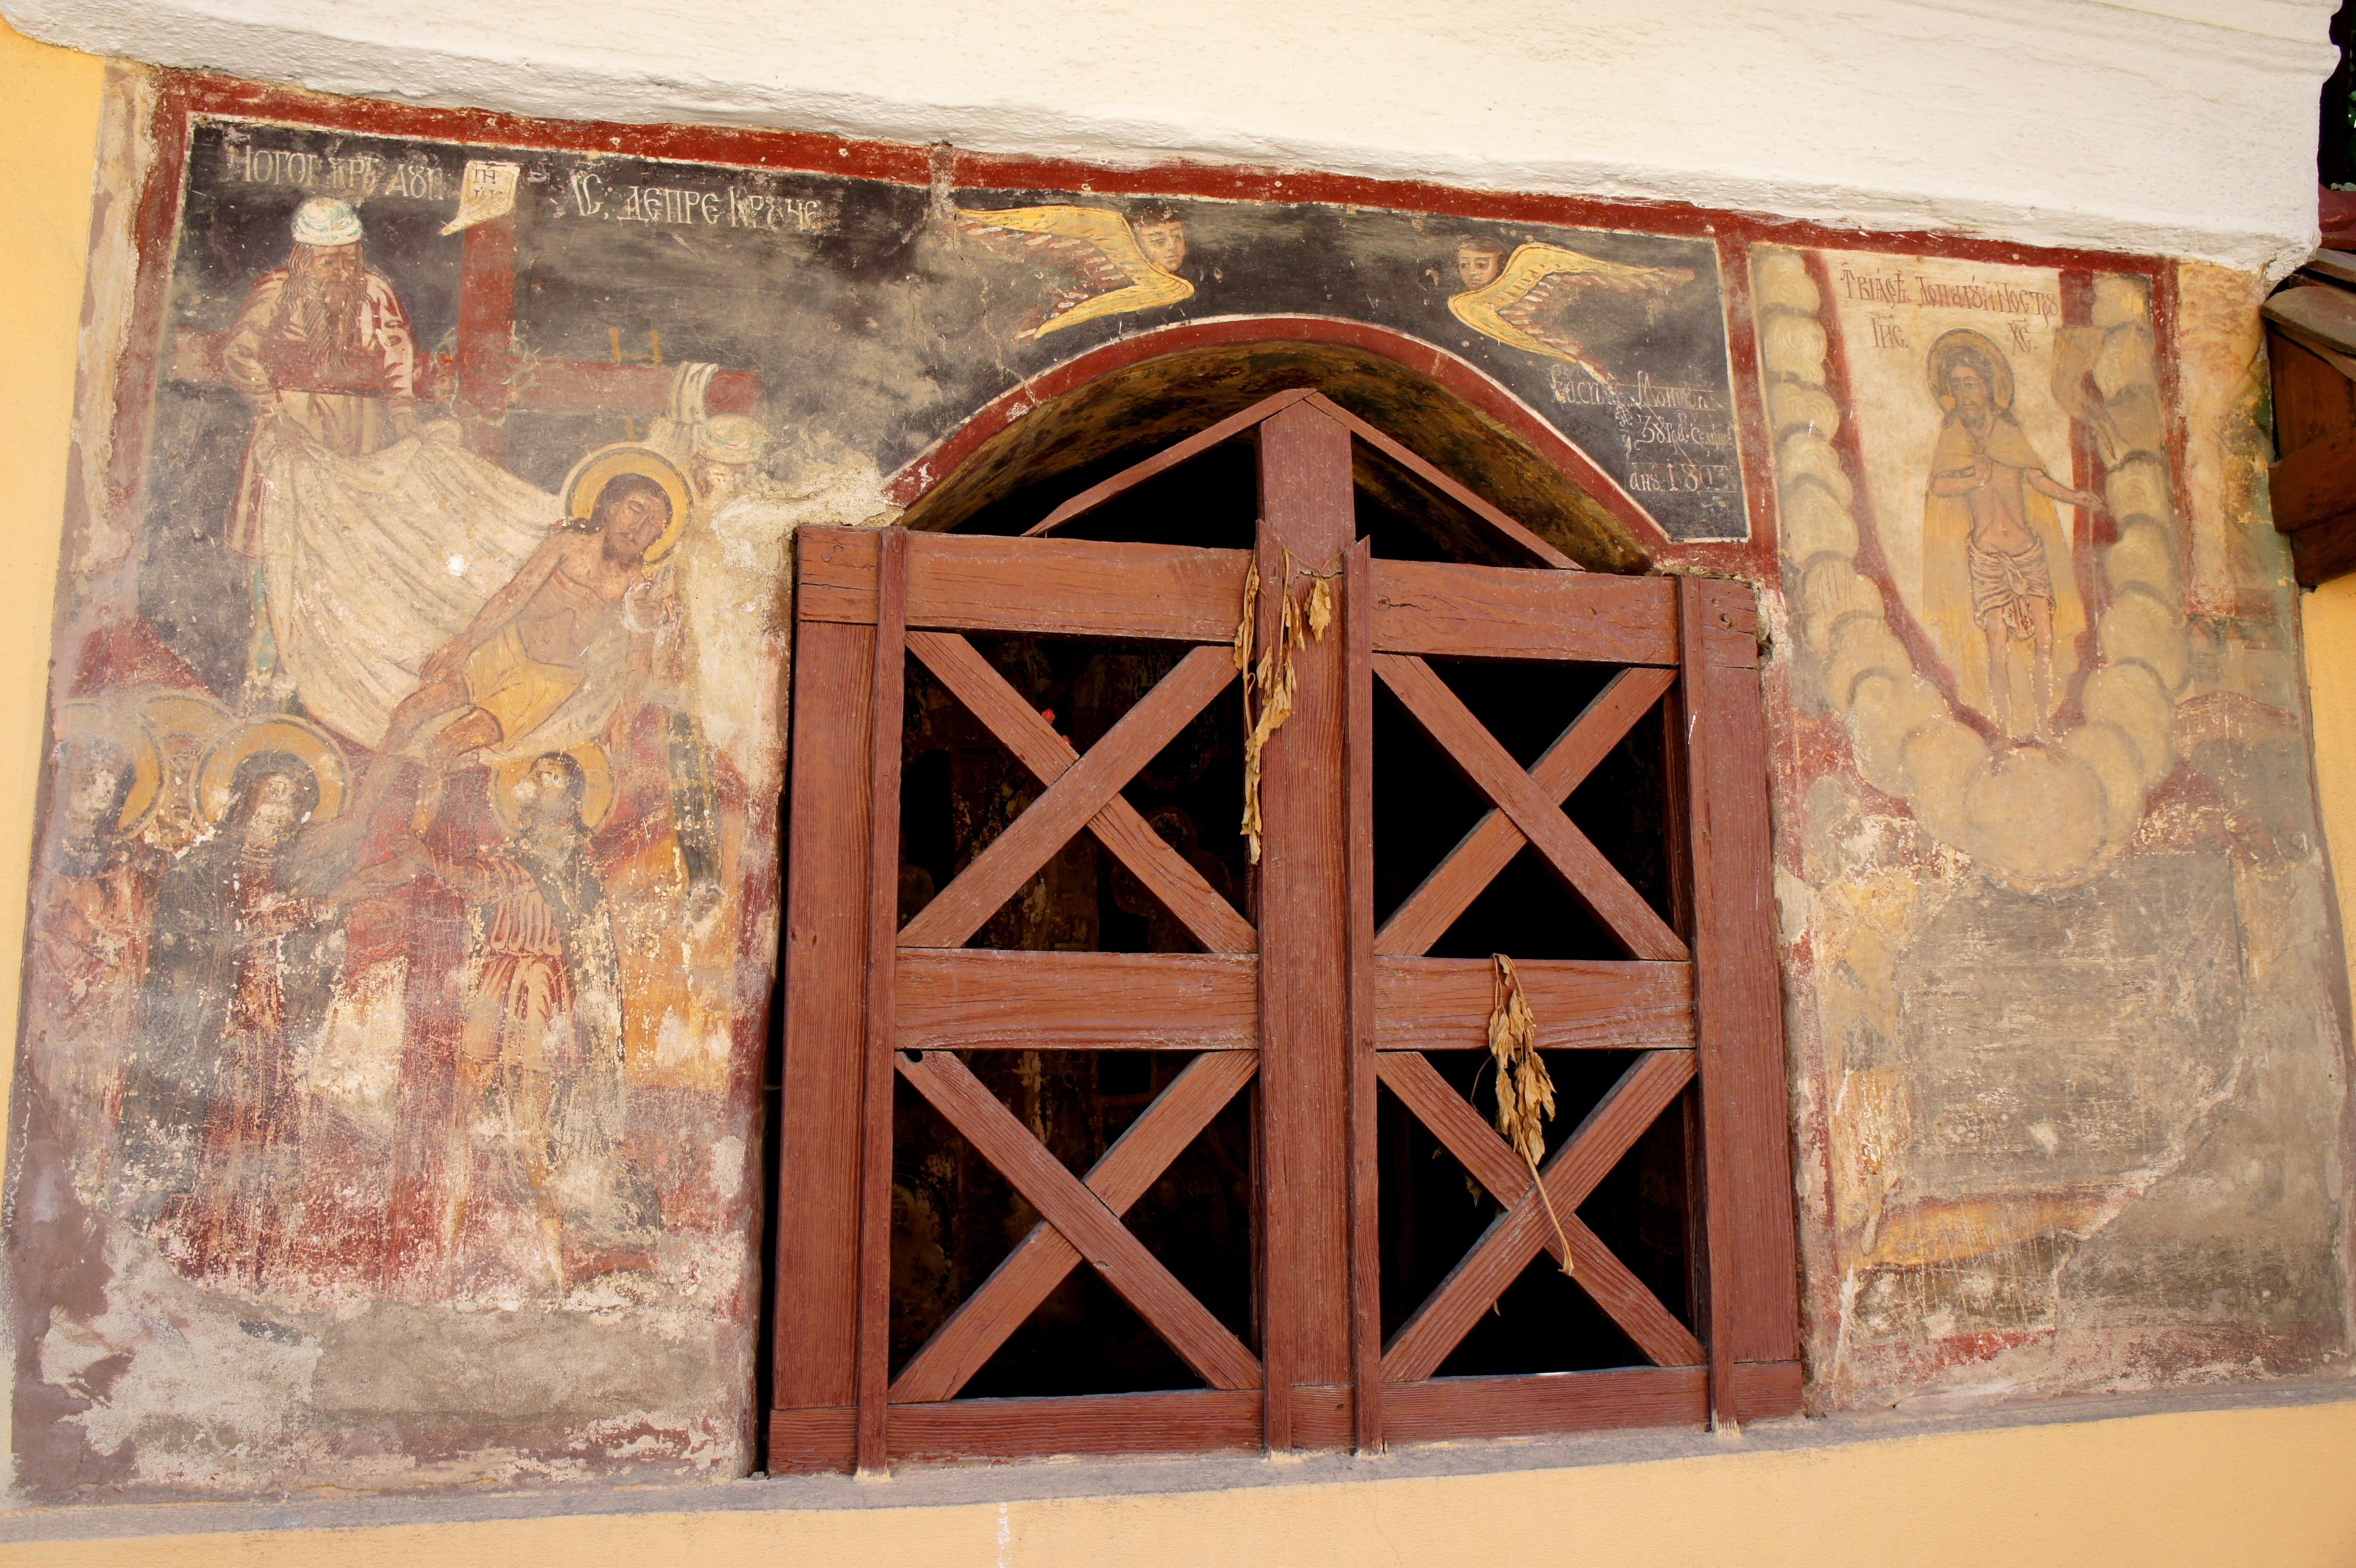 Fotos Gratis Estructura Ventana Edificio Pared Piedra  # Muebles Figuras Y Formas